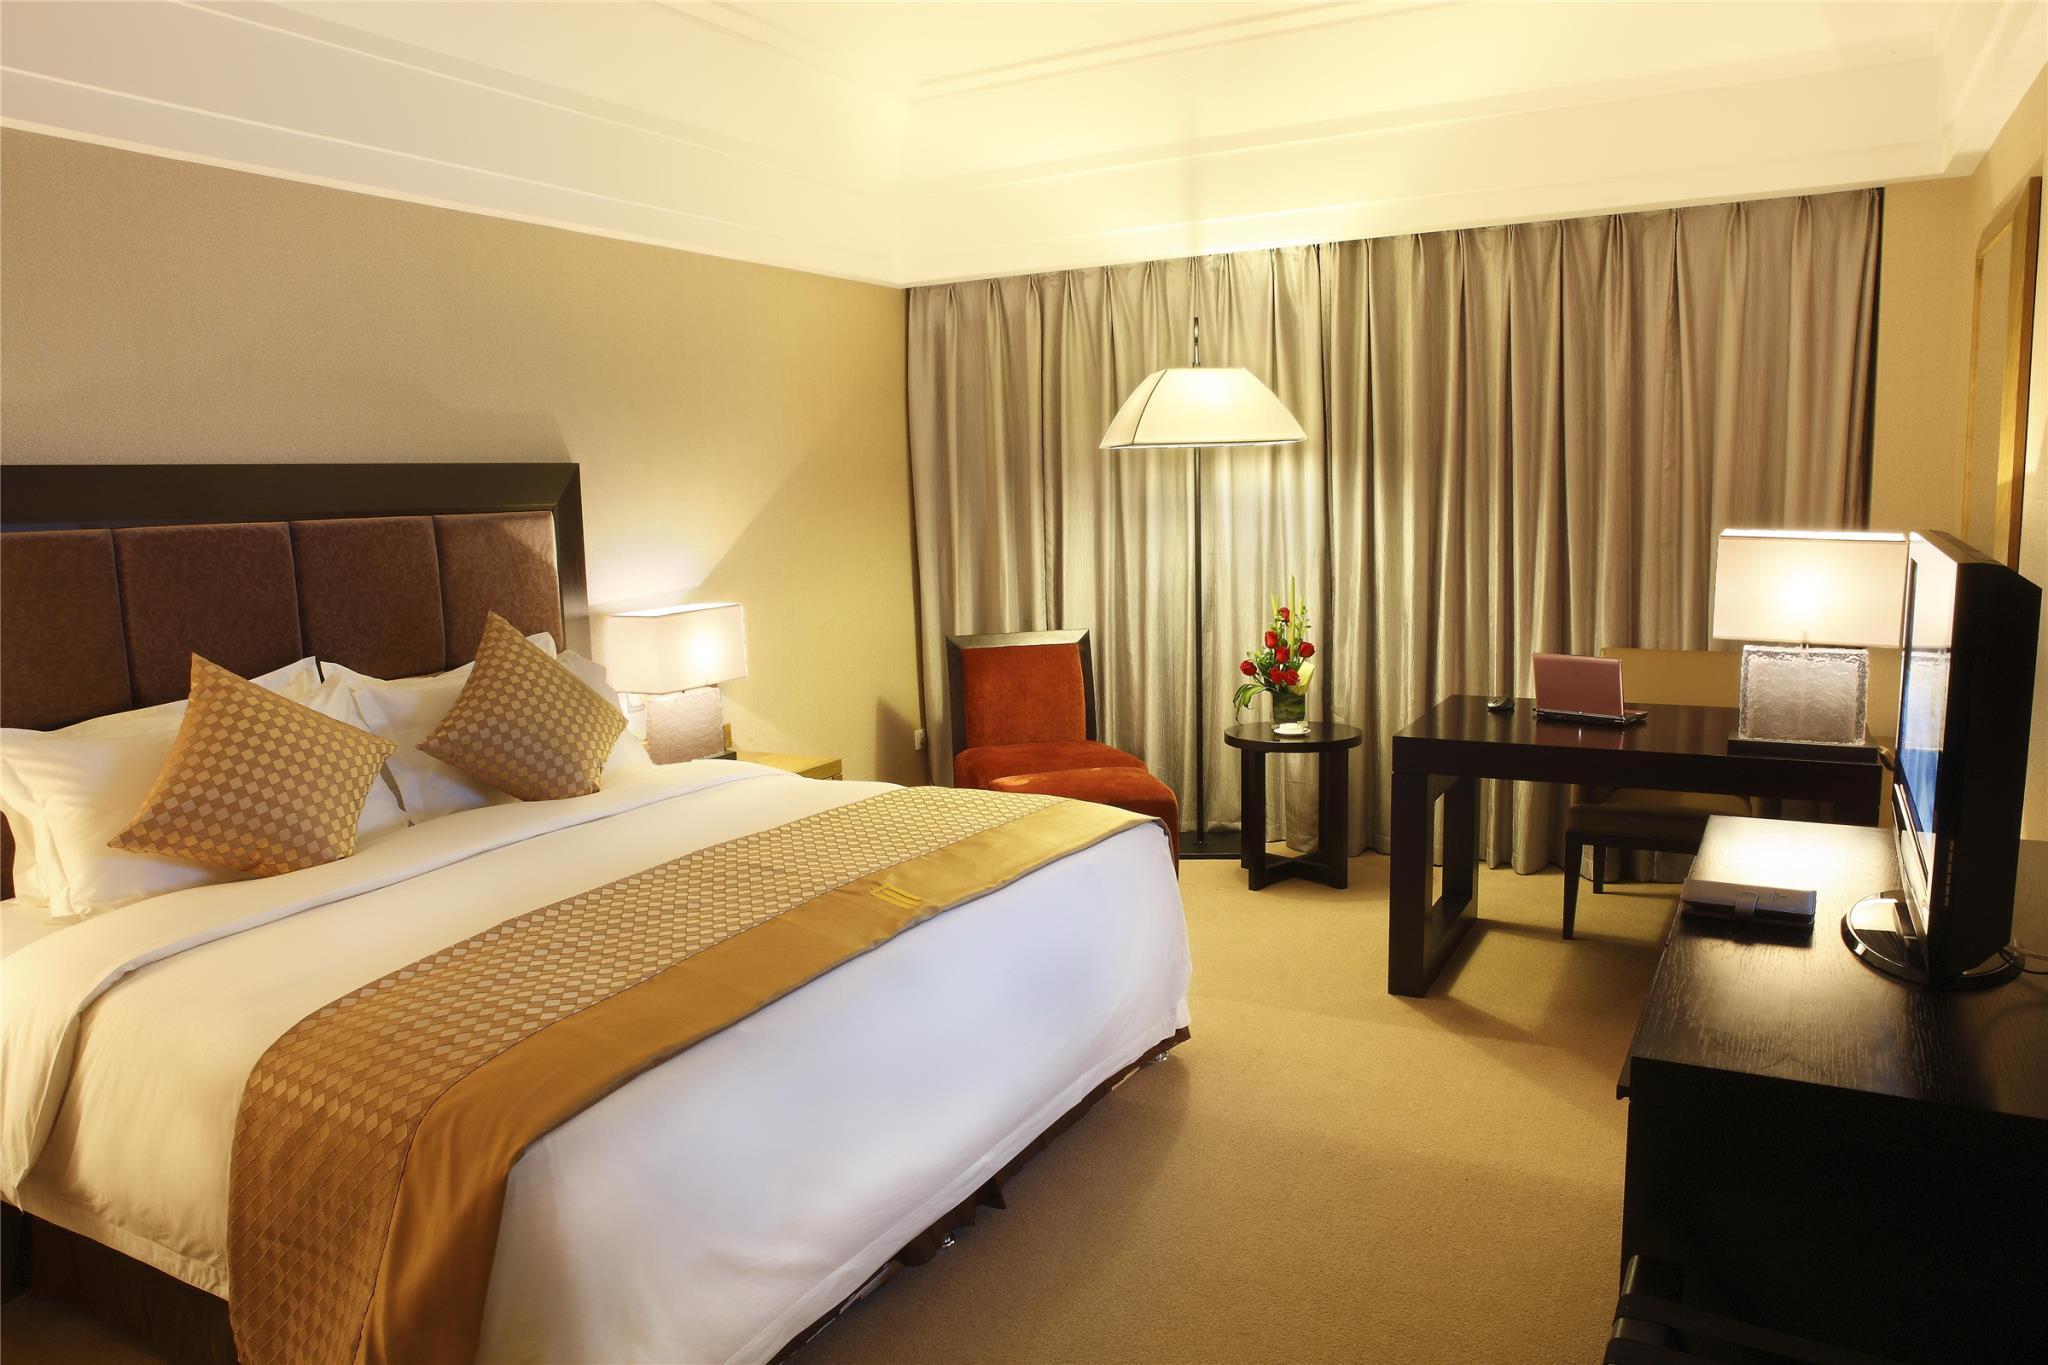 沈阳海韵锦江国际酒店 Shenyang Haiyun Jinjiang International